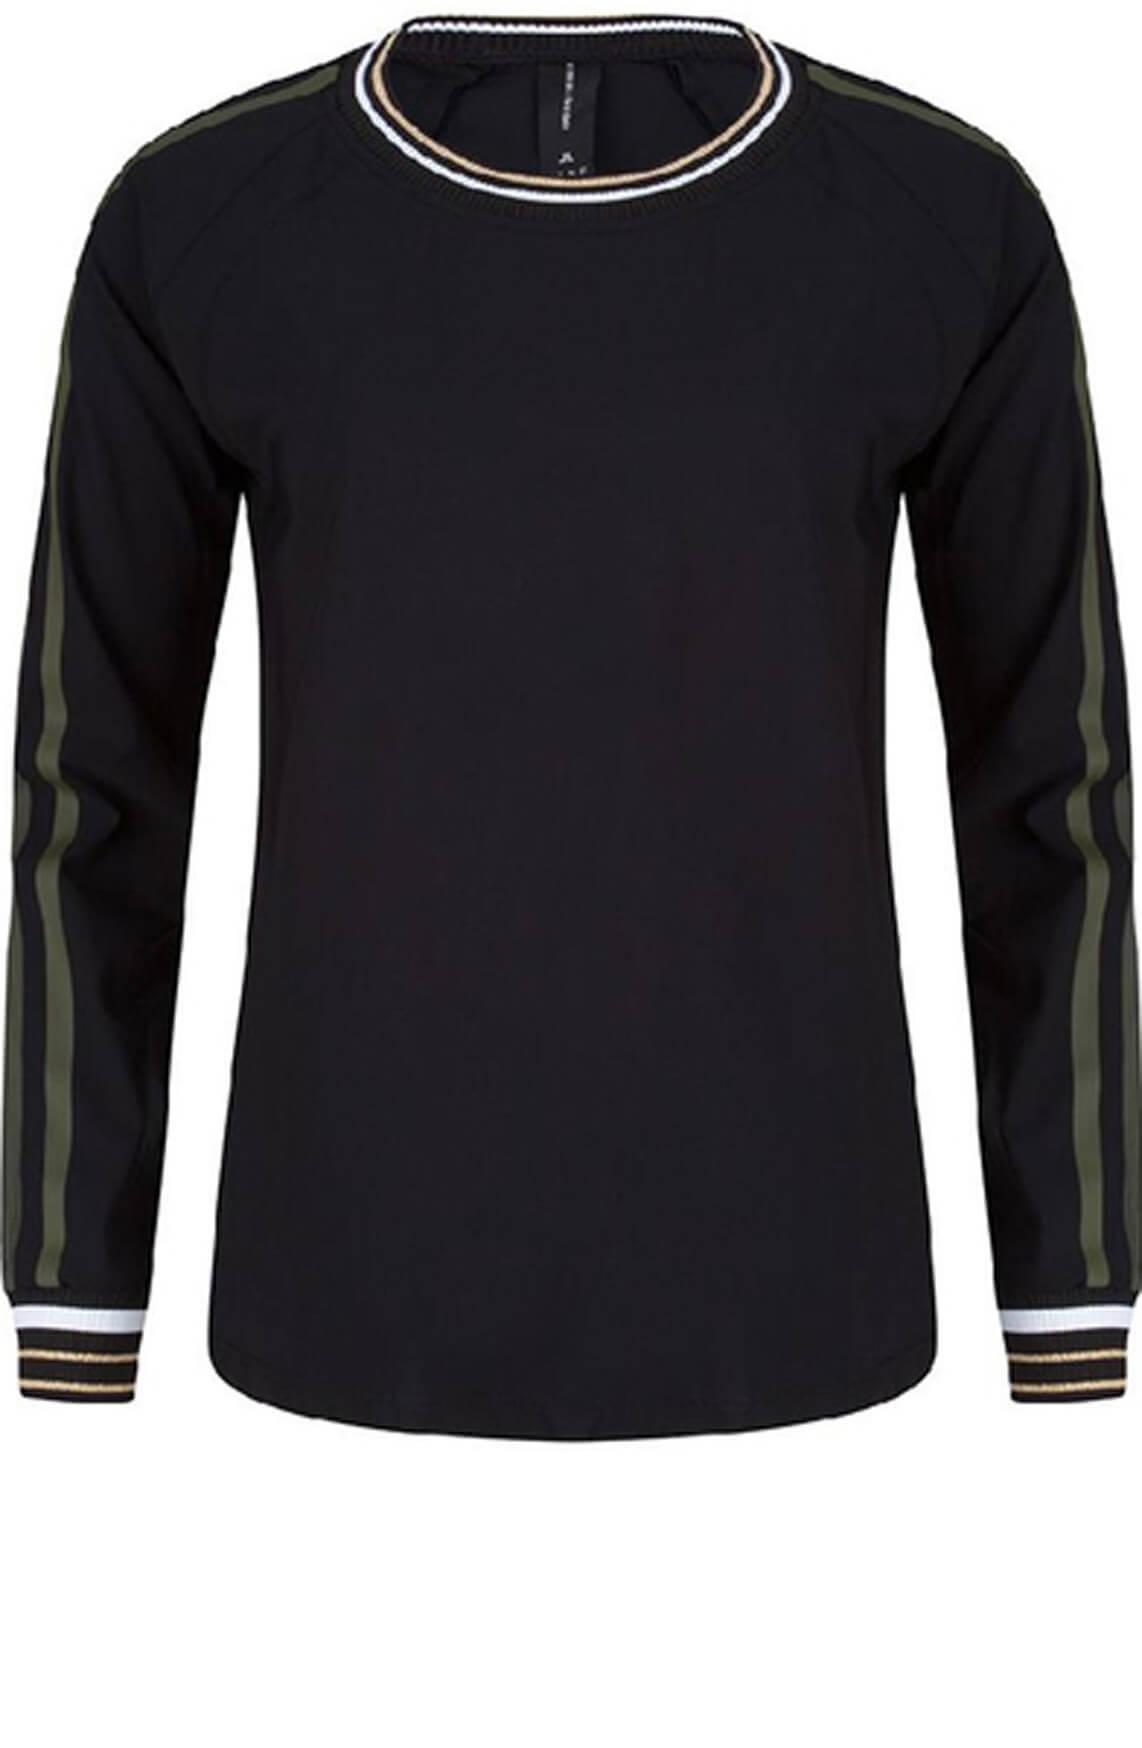 Jane Lushka Dames Shirt met bies zwart